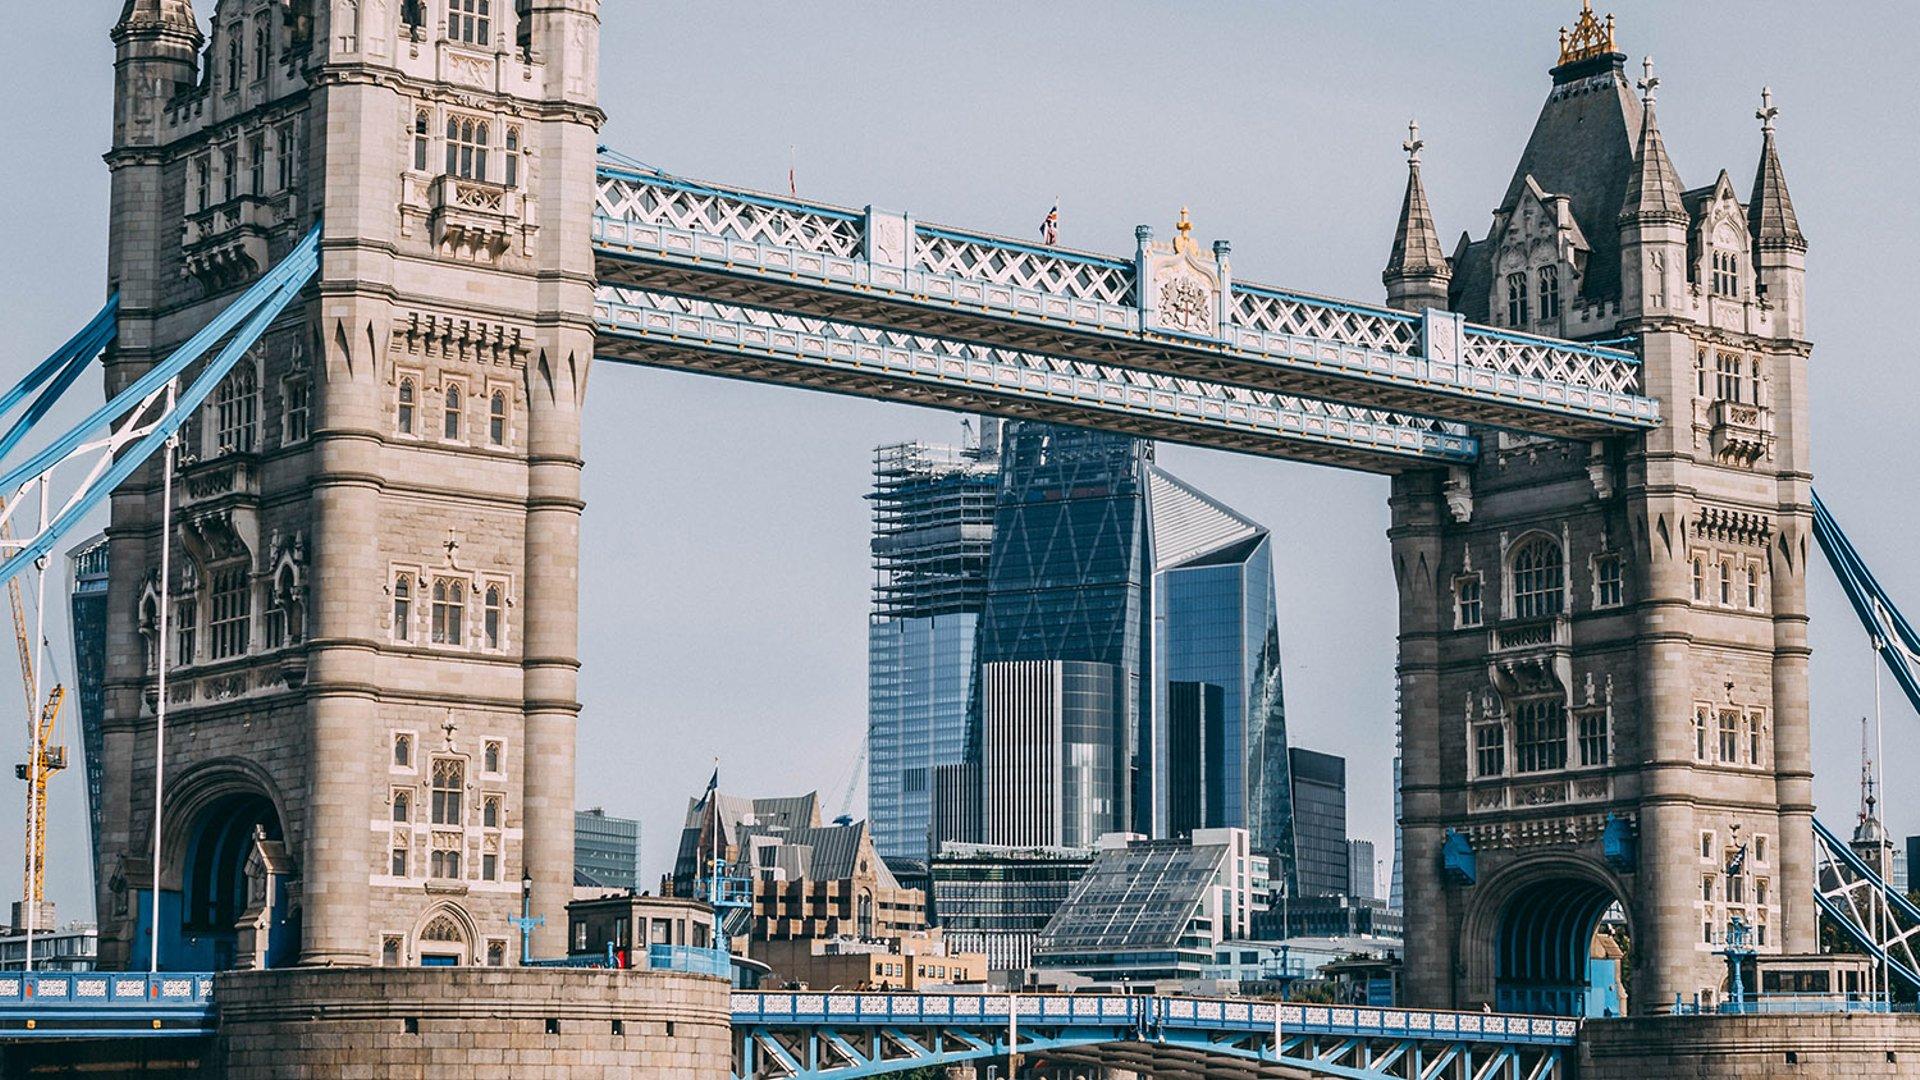 Как добраться из Лондона в Париж самостоятельно - на поезде самолте автобусе авто